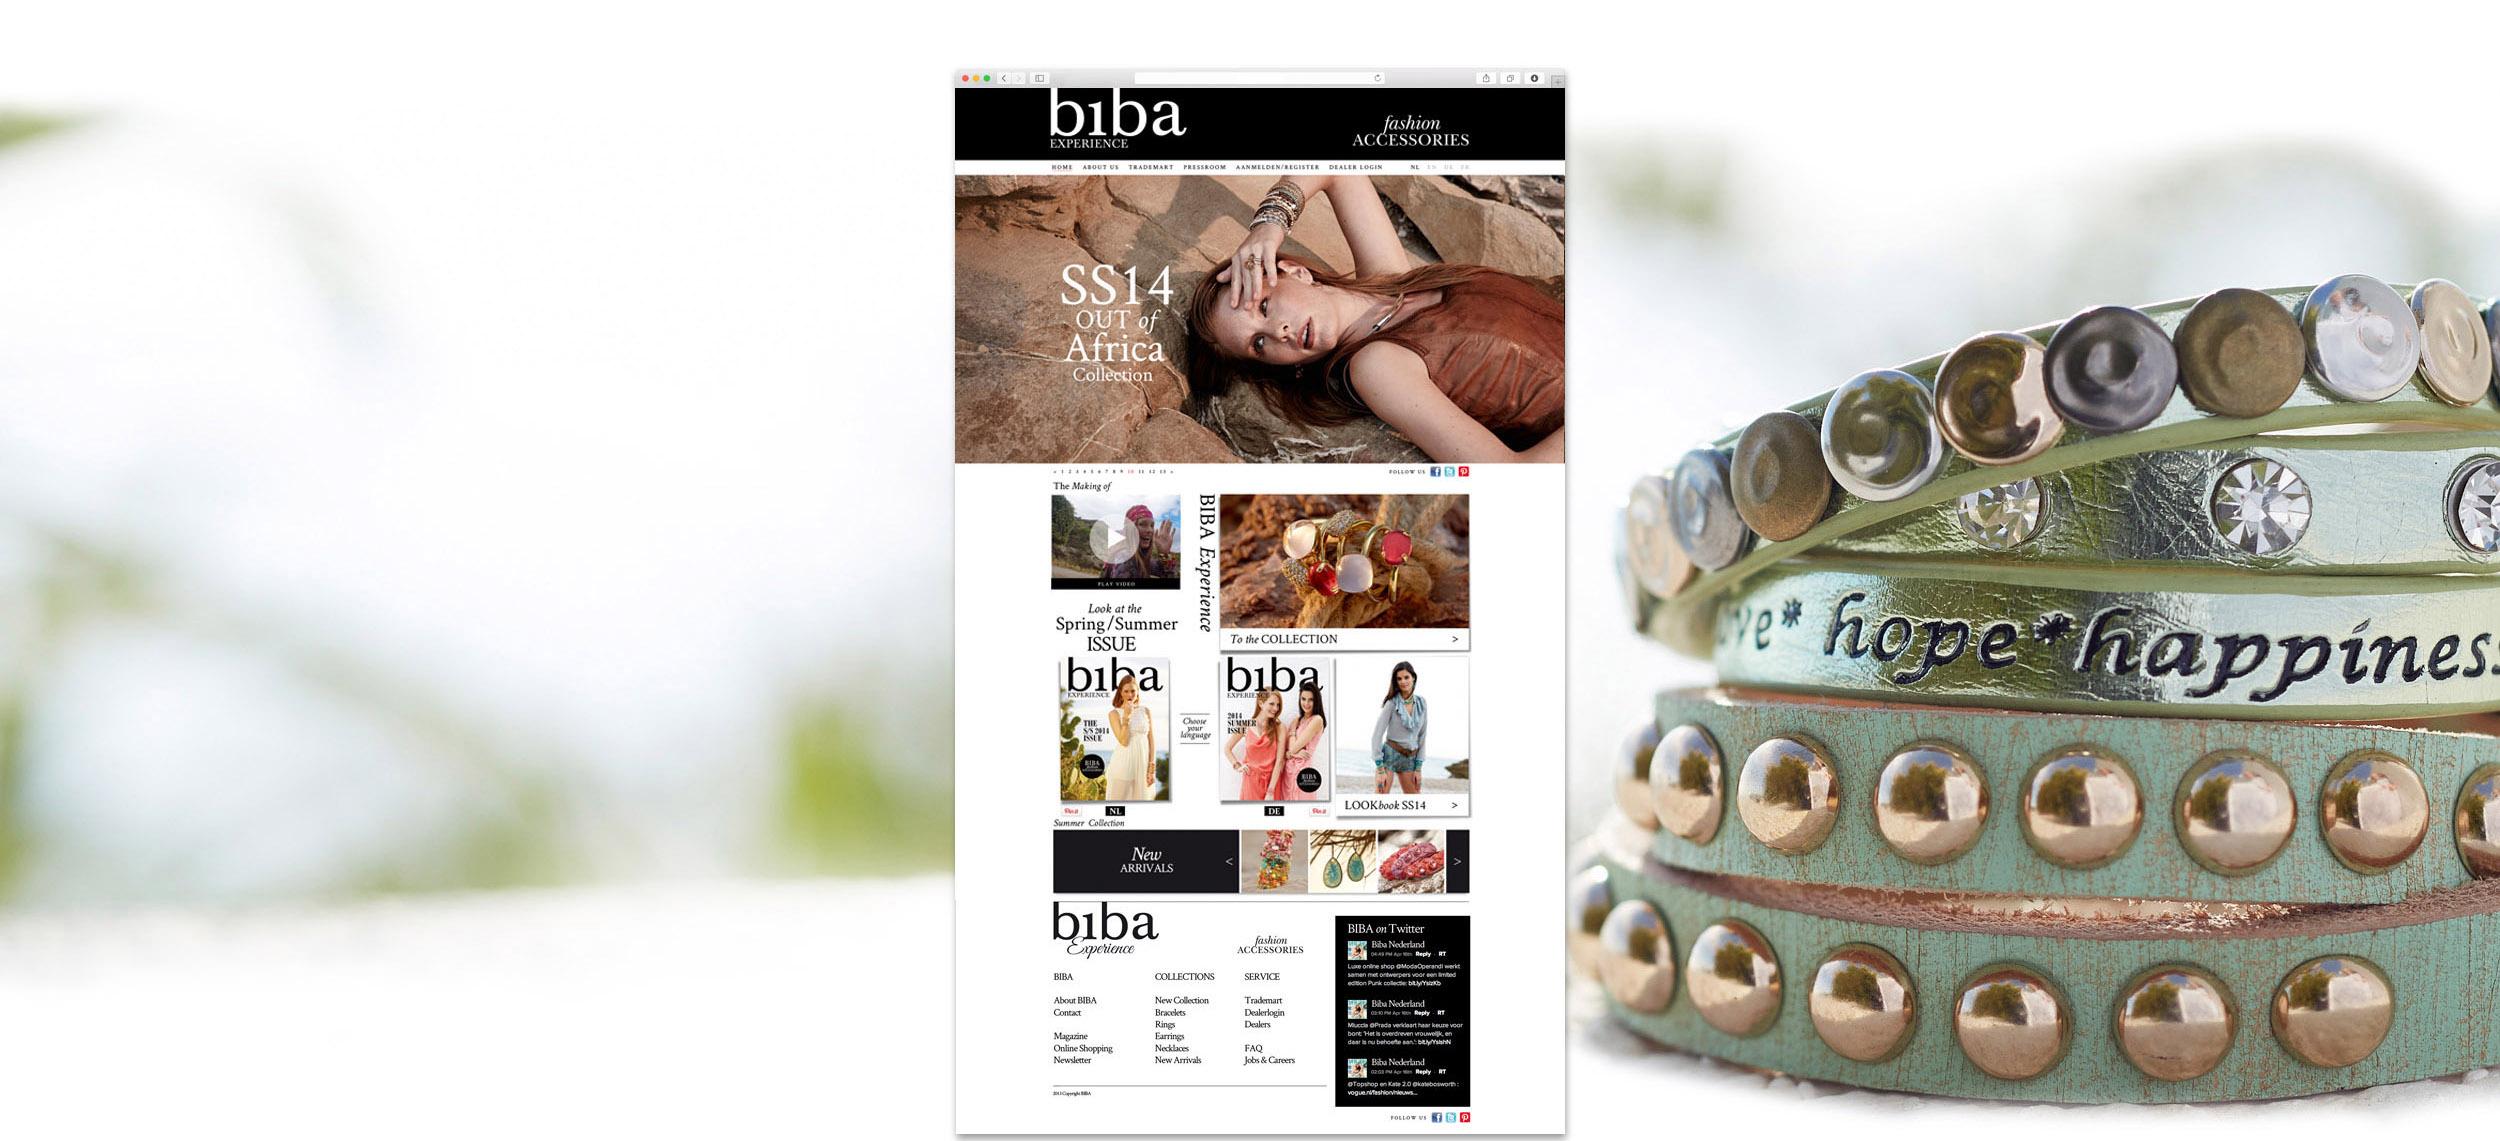 biba5